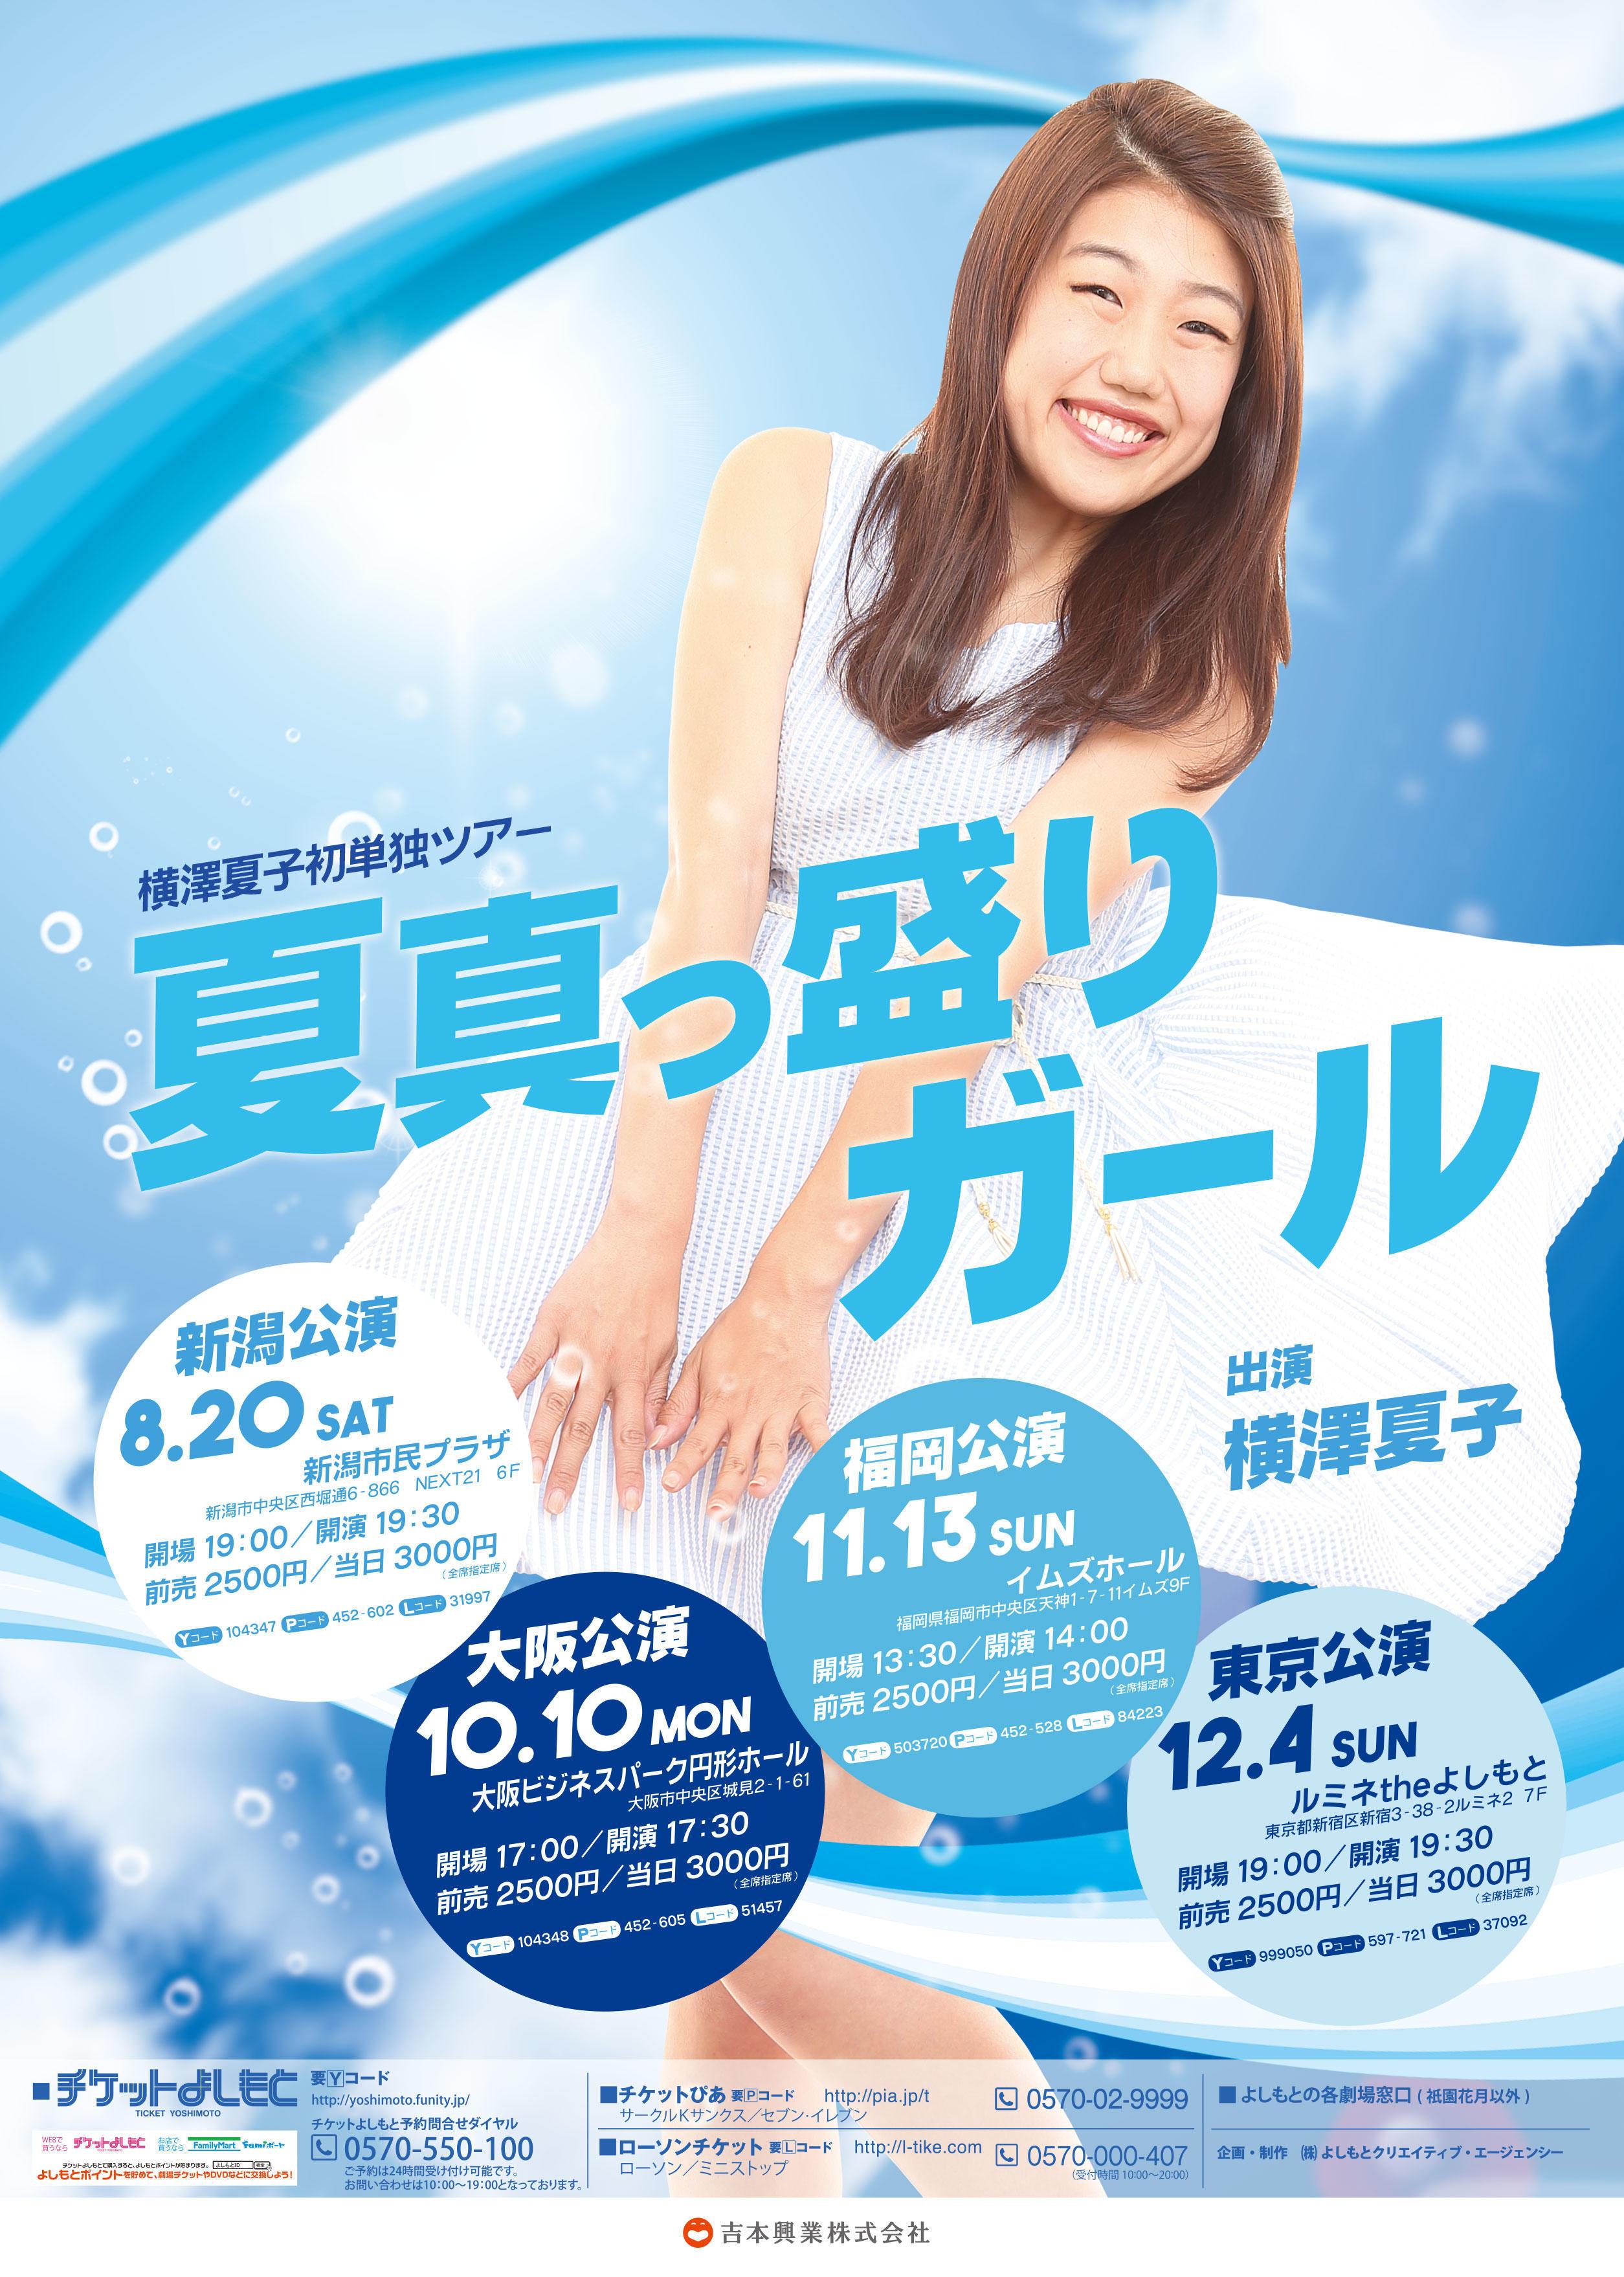 http://news.yoshimoto.co.jp/20160624163900-d33e8f05a568eace2619f5403b8093e4556f9cab.jpg